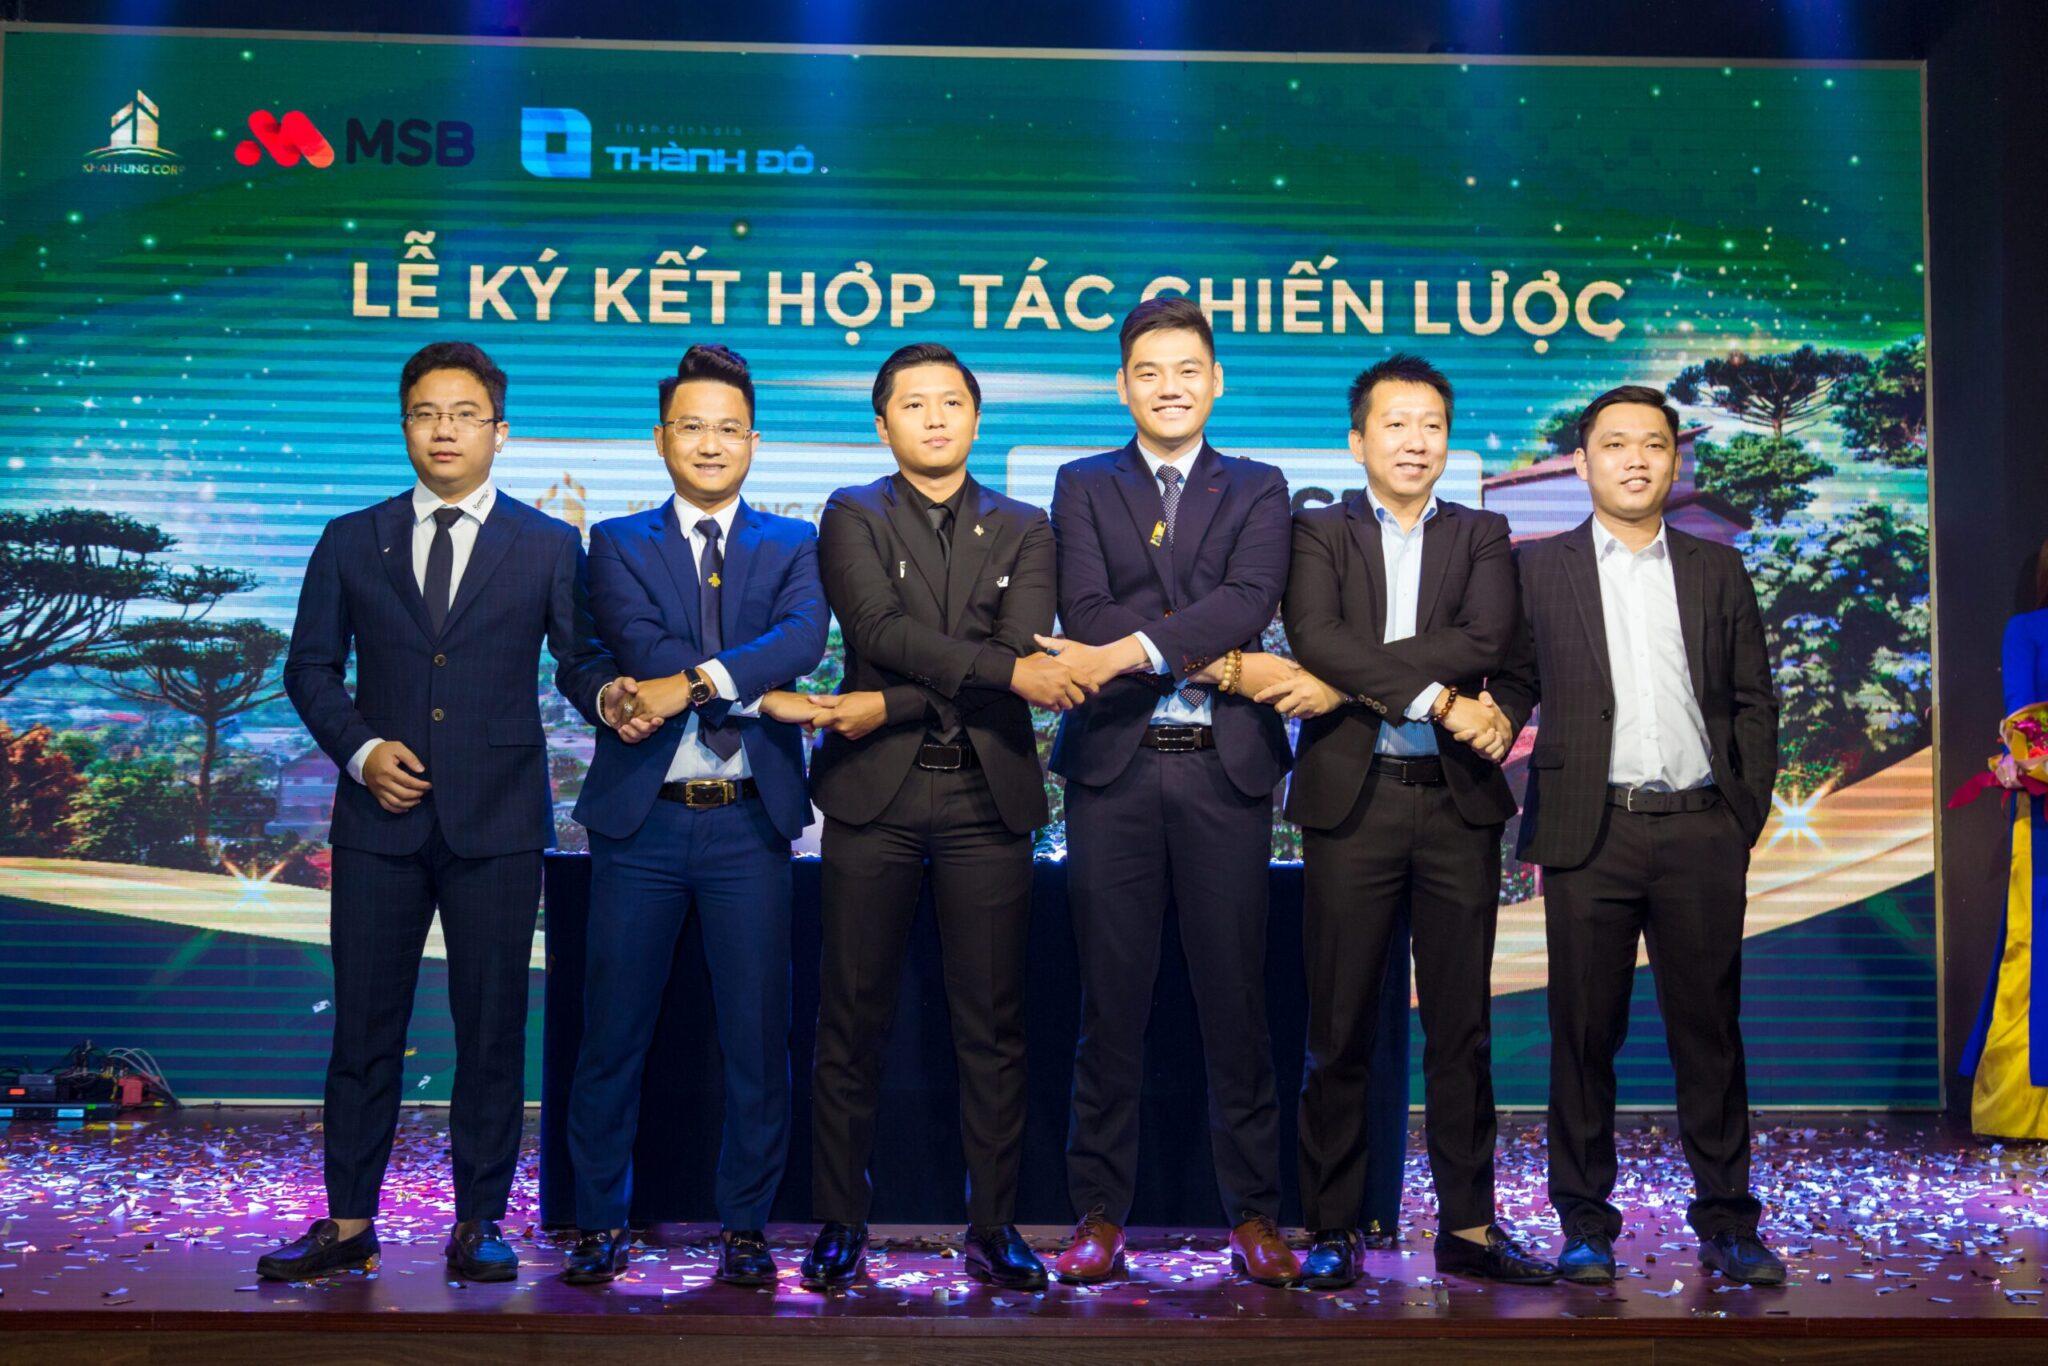 Khải Hưng Corp và MSB ký kết hợp tác chiến lược